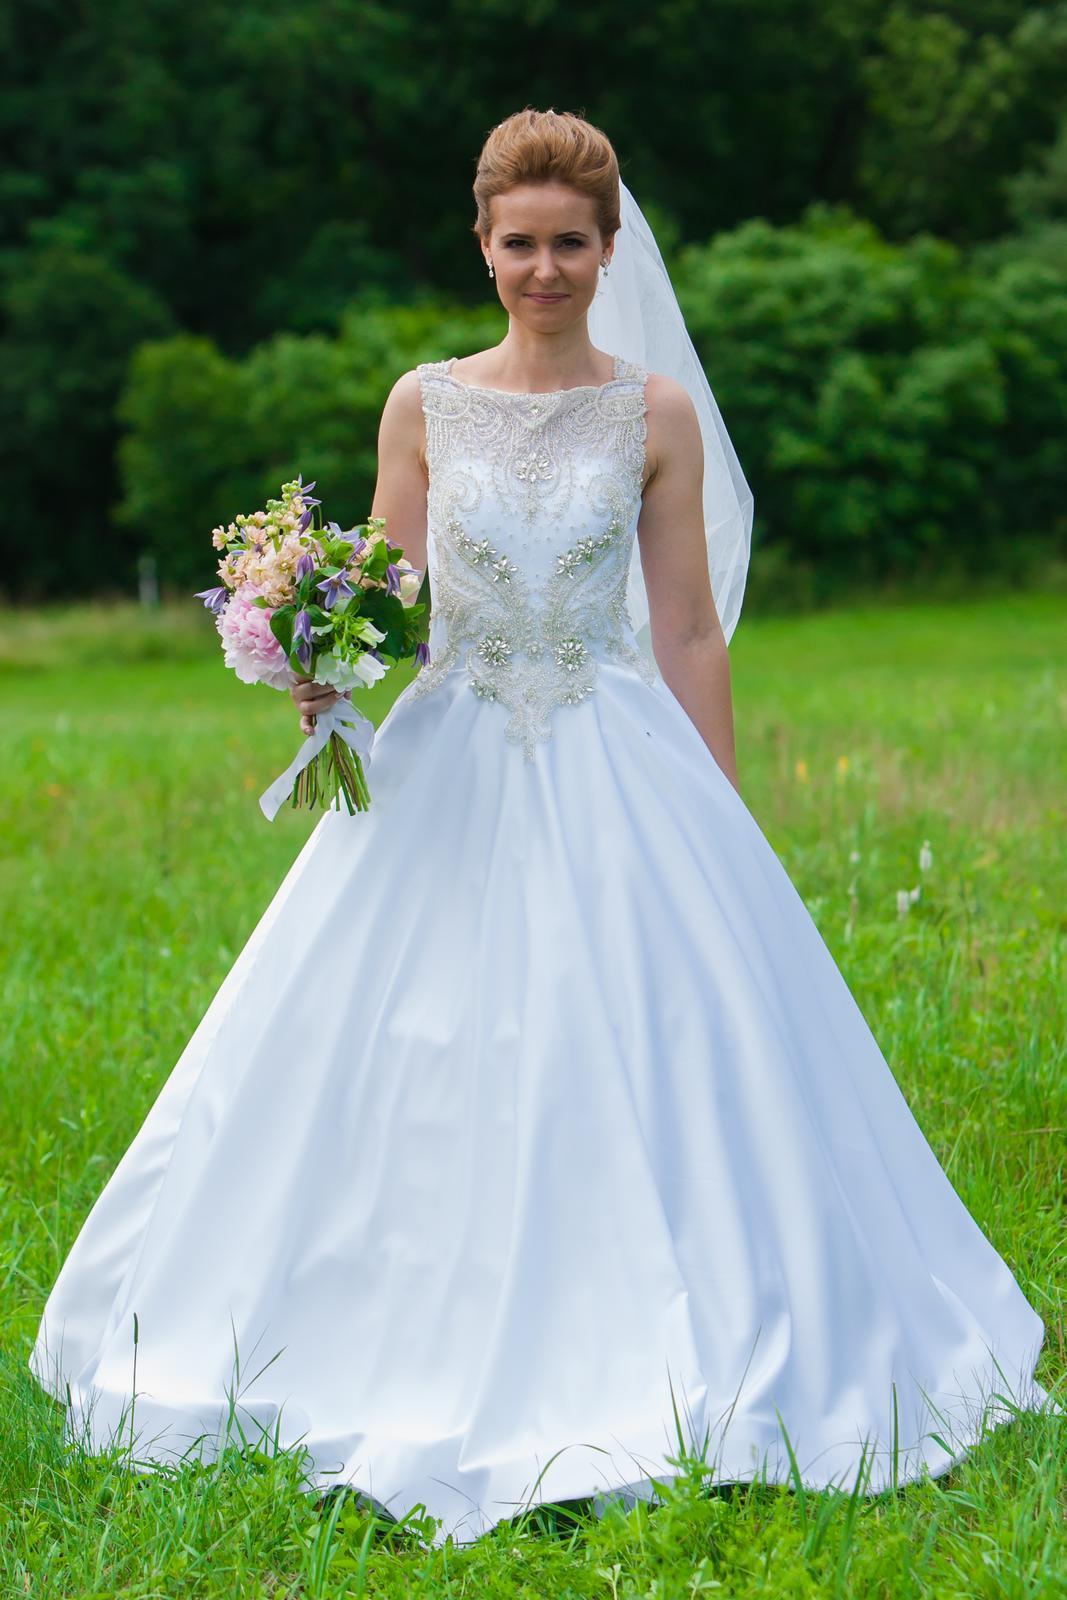 Svadobné šaty so zdobenou vrchnou časťou + závoj - Obrázok č. 1